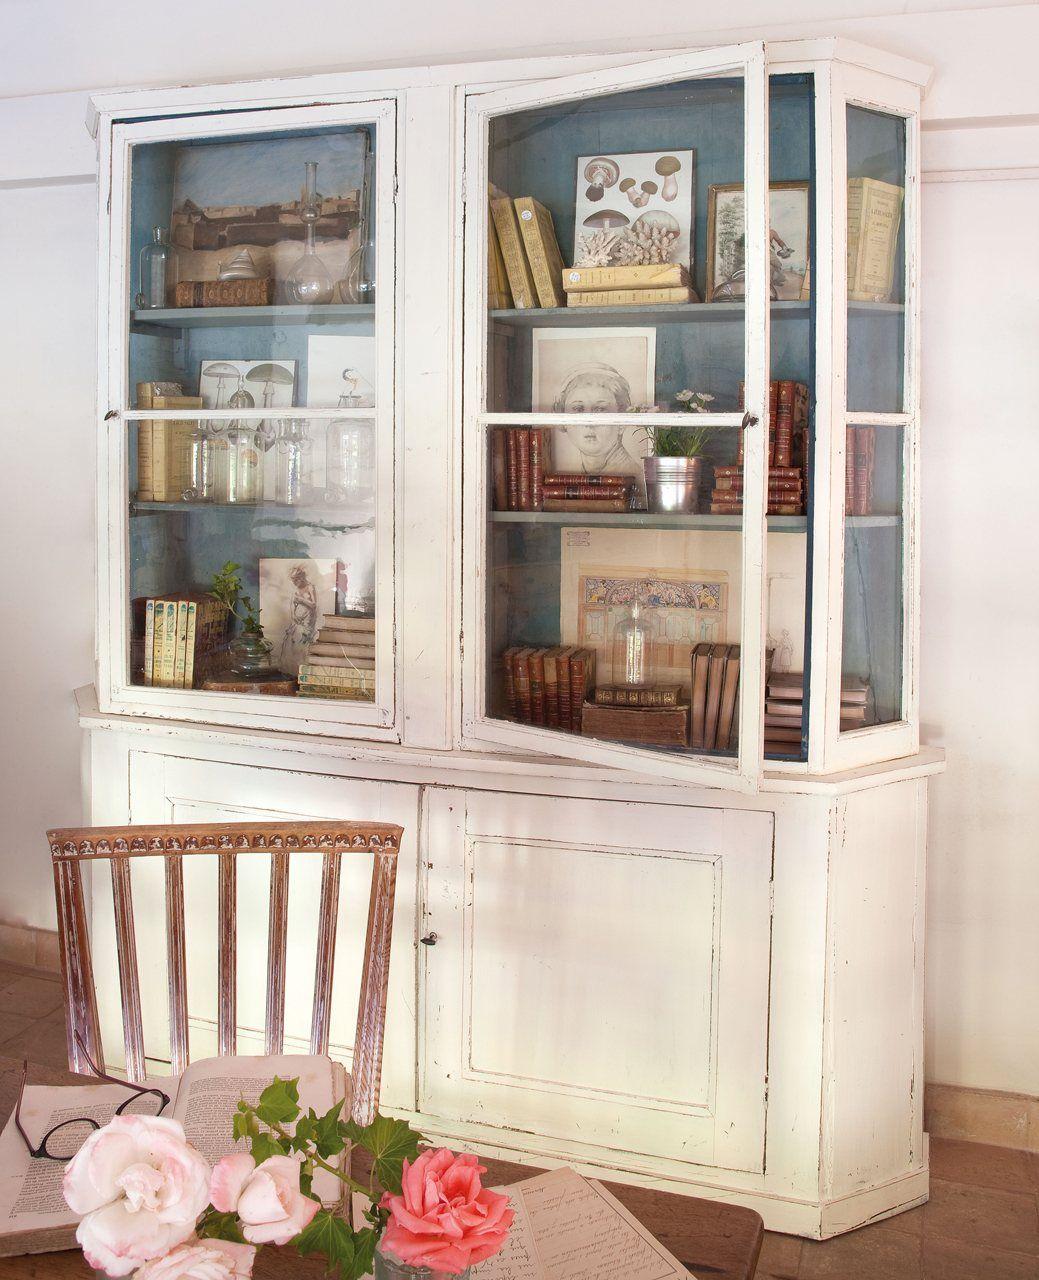 El arte de recuperar piezas antiguas storage places for Recuperar muebles antiguos